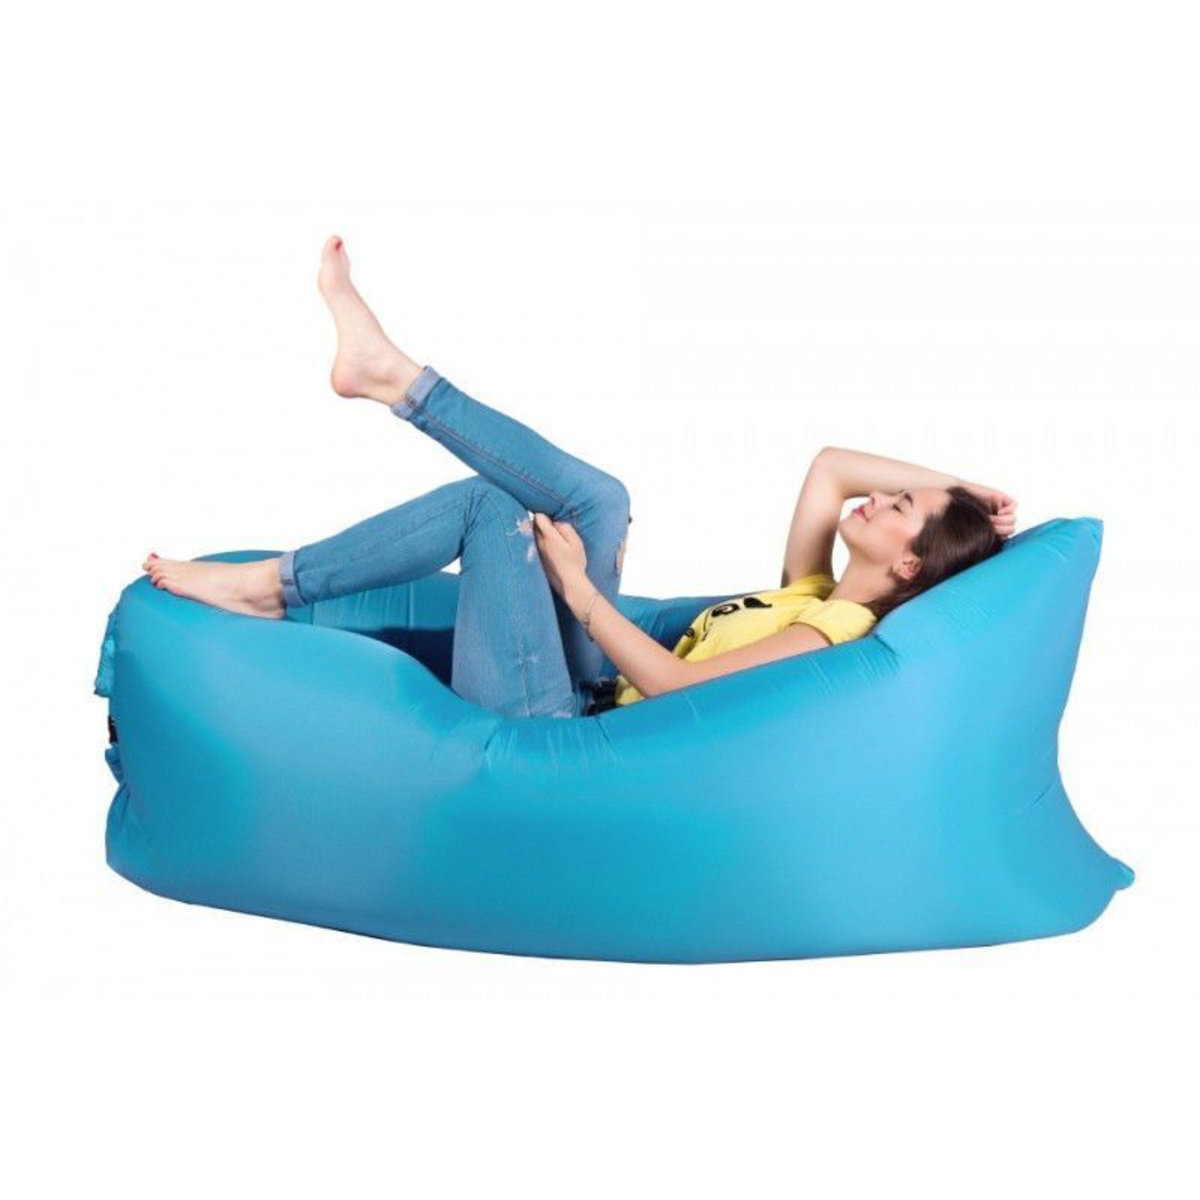 Распродажа Надувной диван-гамак gamak.jpg